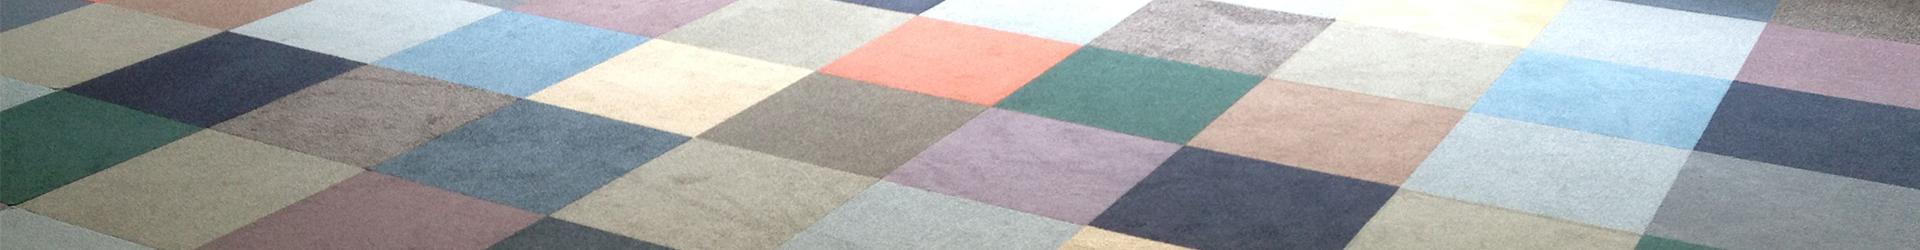 Een creatieve vloeroplossing voor op uw vloer